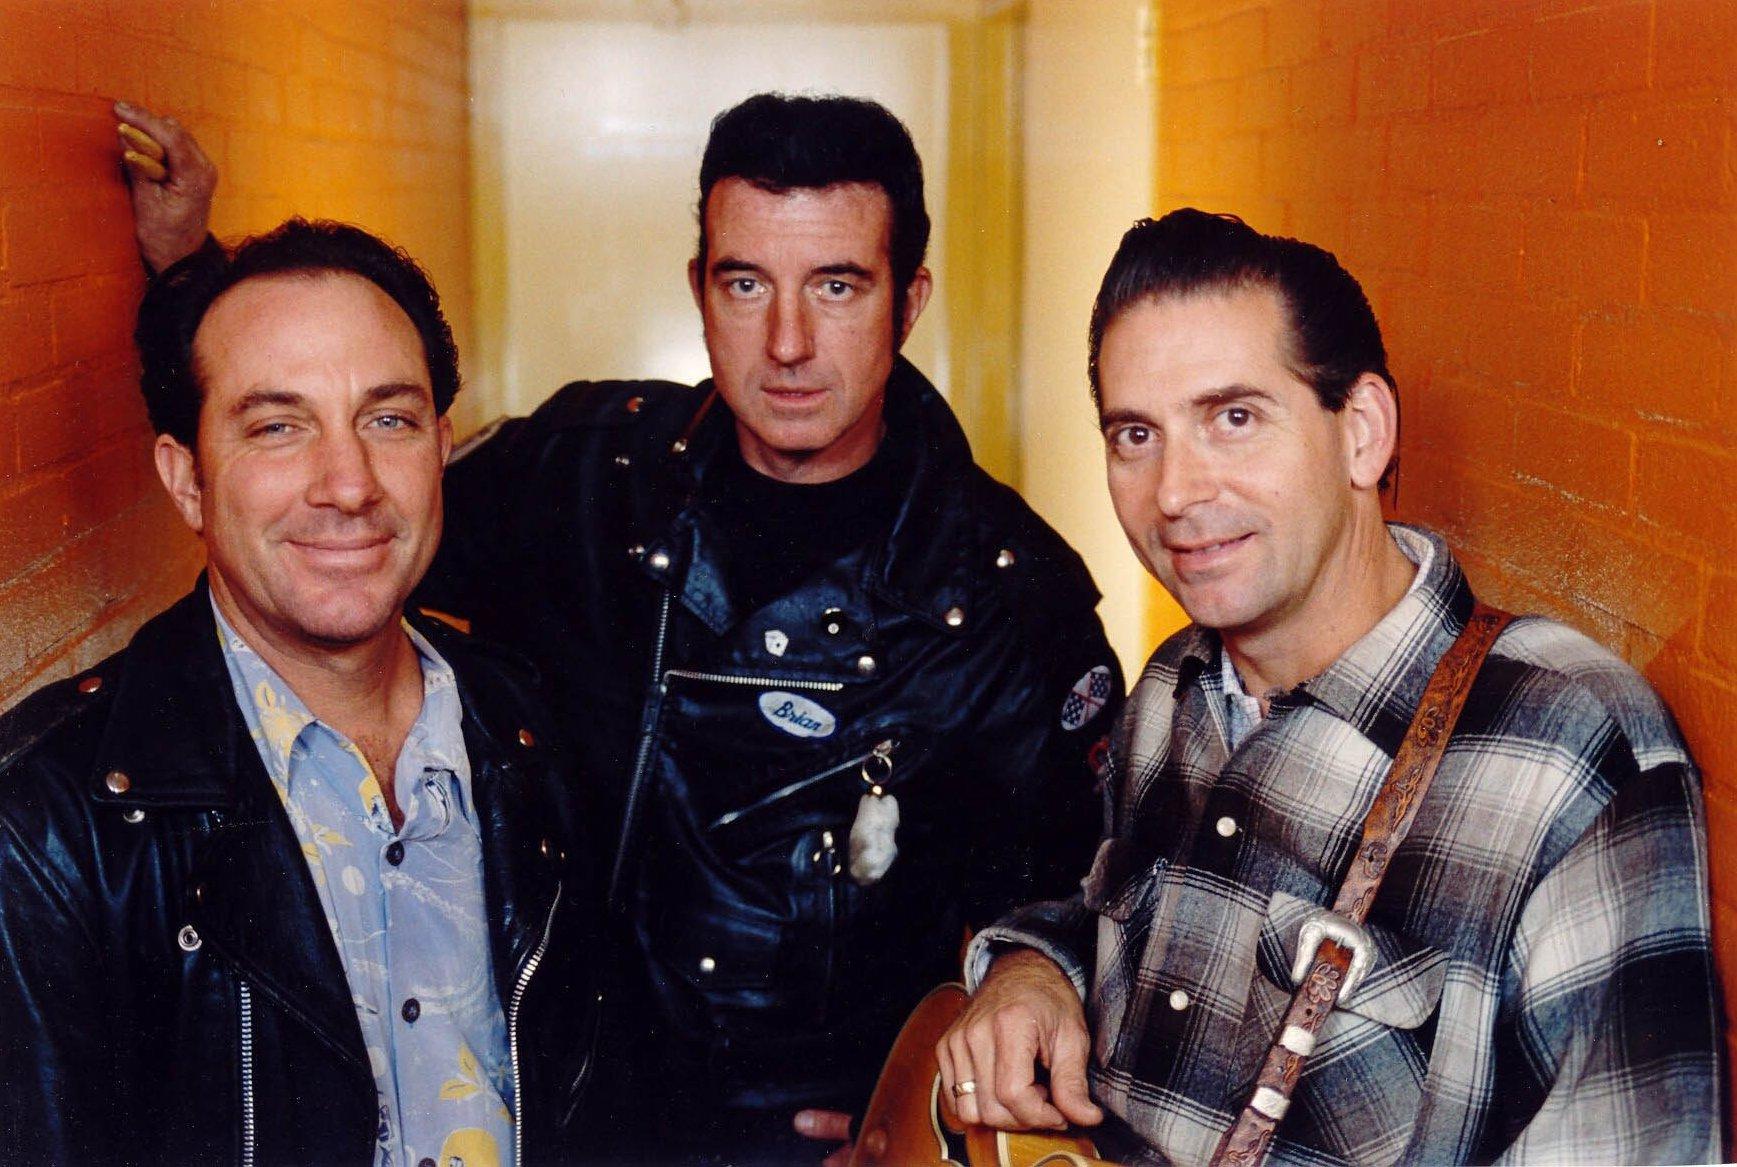 El trío de rockabilly The Paladins, una de las primeras producciones de César Rosas